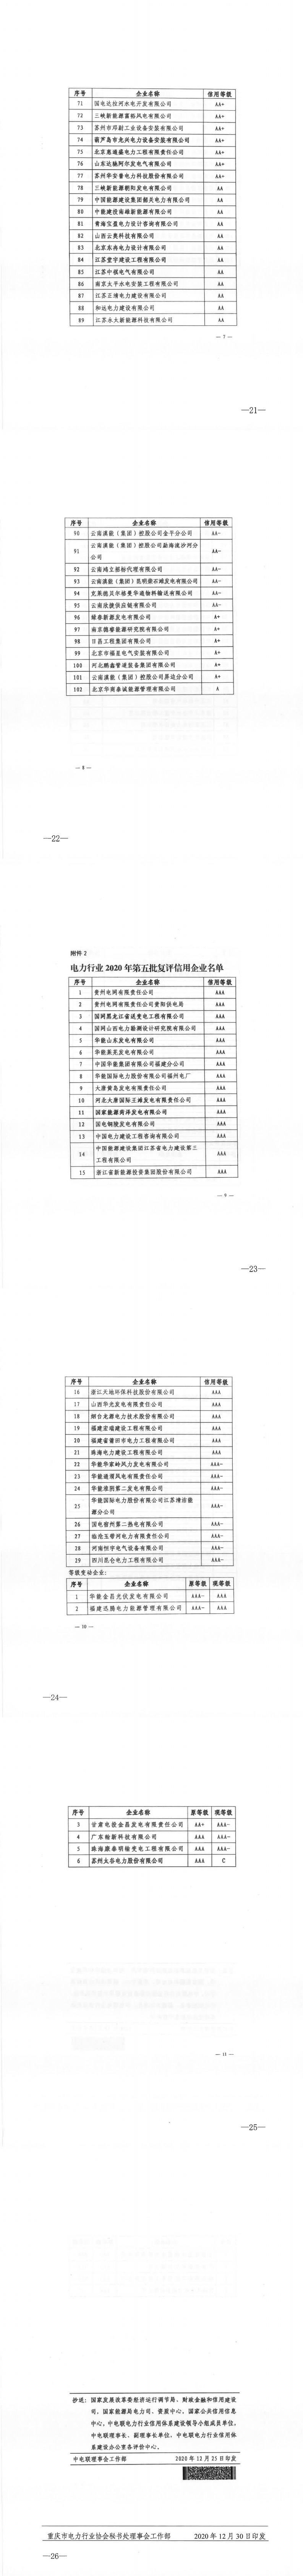 渝电行协〔2020〕28号 重庆市电力行业协会关于转发《中电联关于公布电力行业2020年第四批、第五批初评及复评信用企业评价结果的通知》的通知_1.png